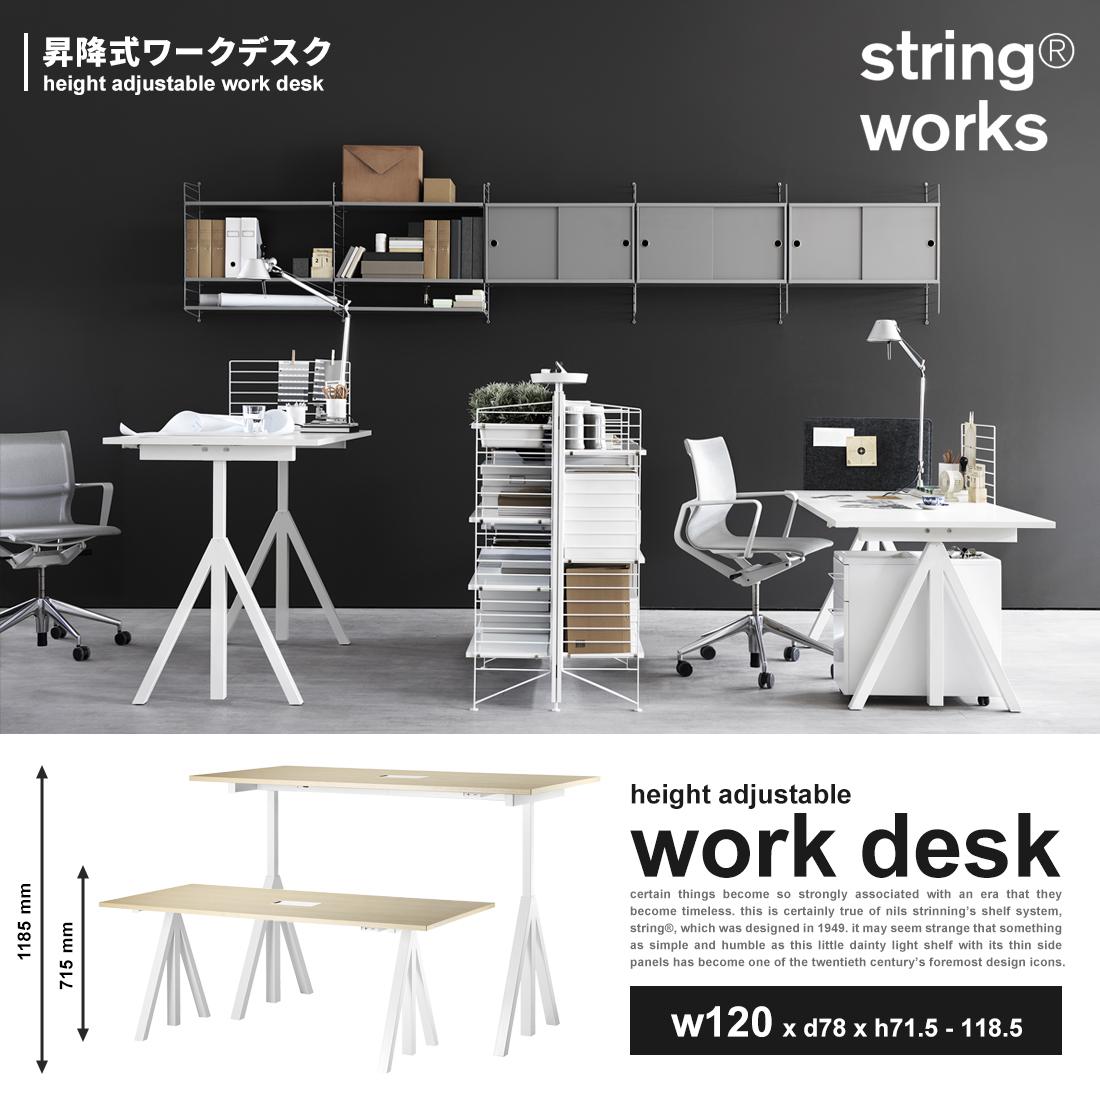 【string ストリング】string works desk ストリング ワークス 昇降式デスク W120cm机 テーブル 作業台 折りたたみ式 折り畳みテーブル ダイニングテーブル